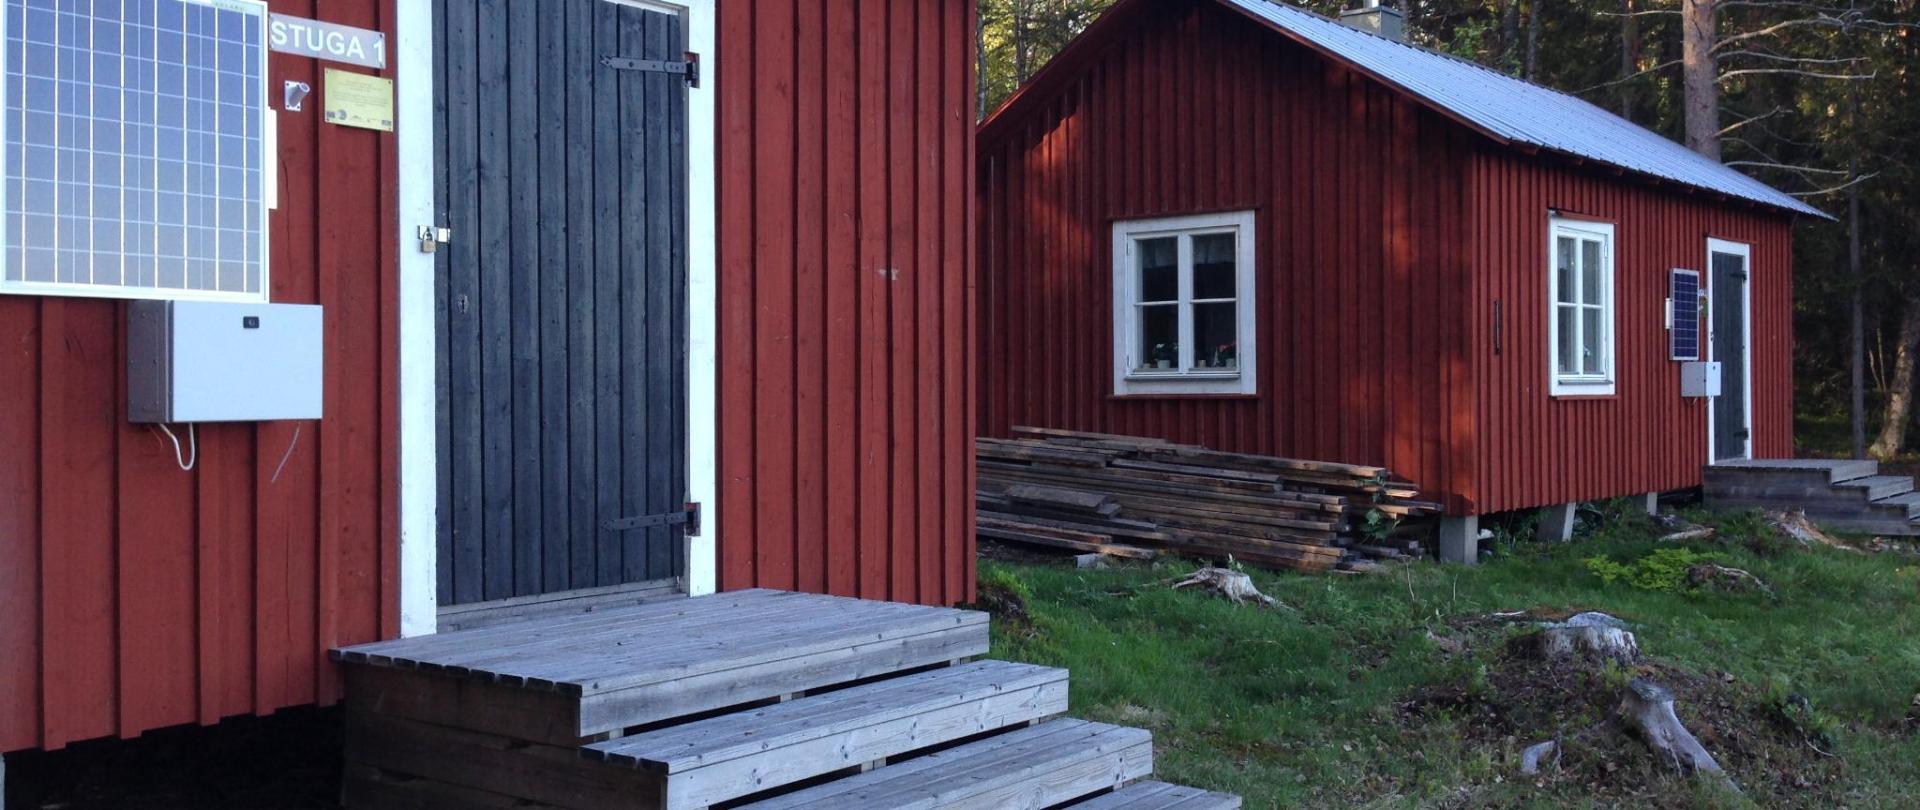 Guide Natura Piteå Skärgårdsstugor Vargön 2 (1).JPG